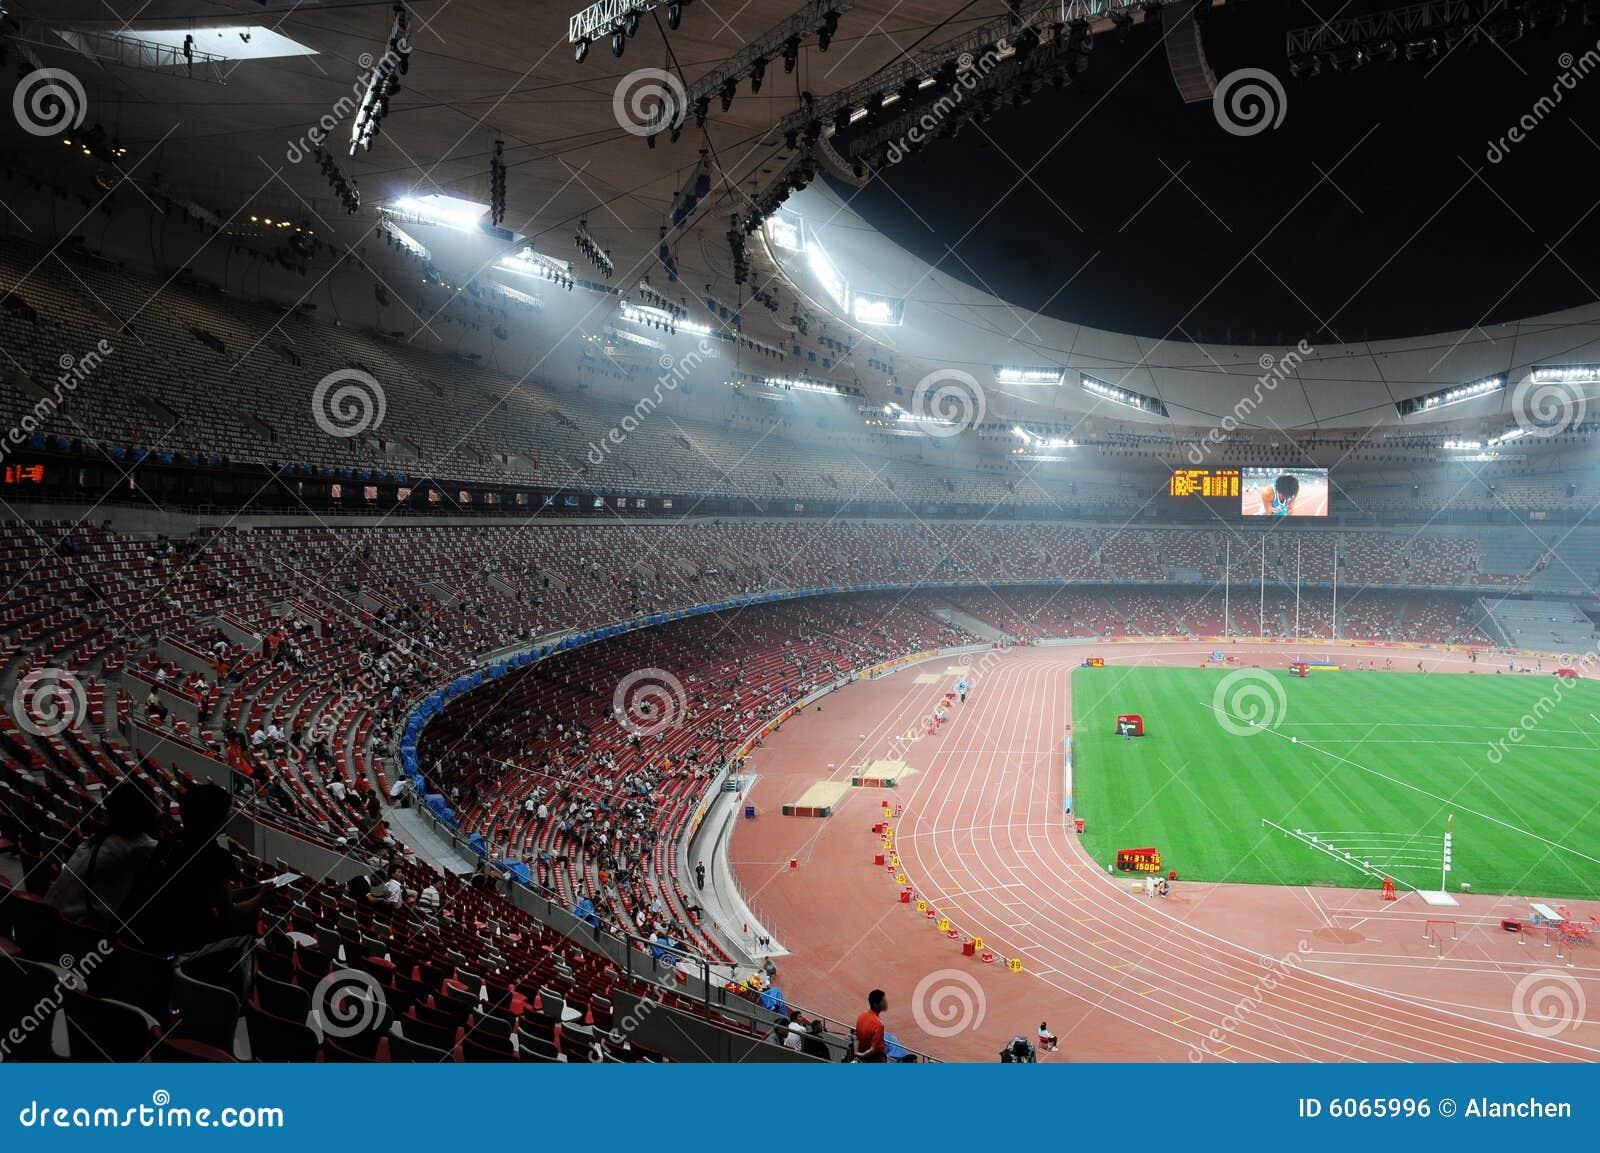 Pekingolympics statium